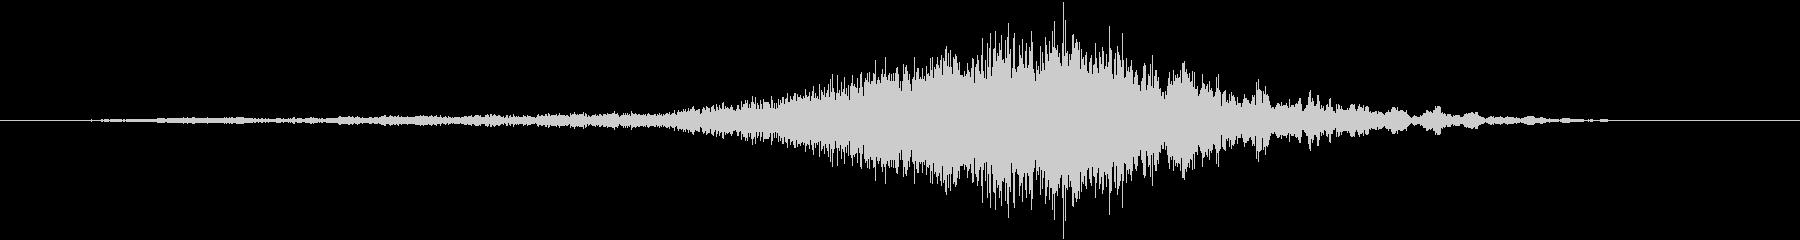 【ライザー】49 エピックサウンド 始動の未再生の波形